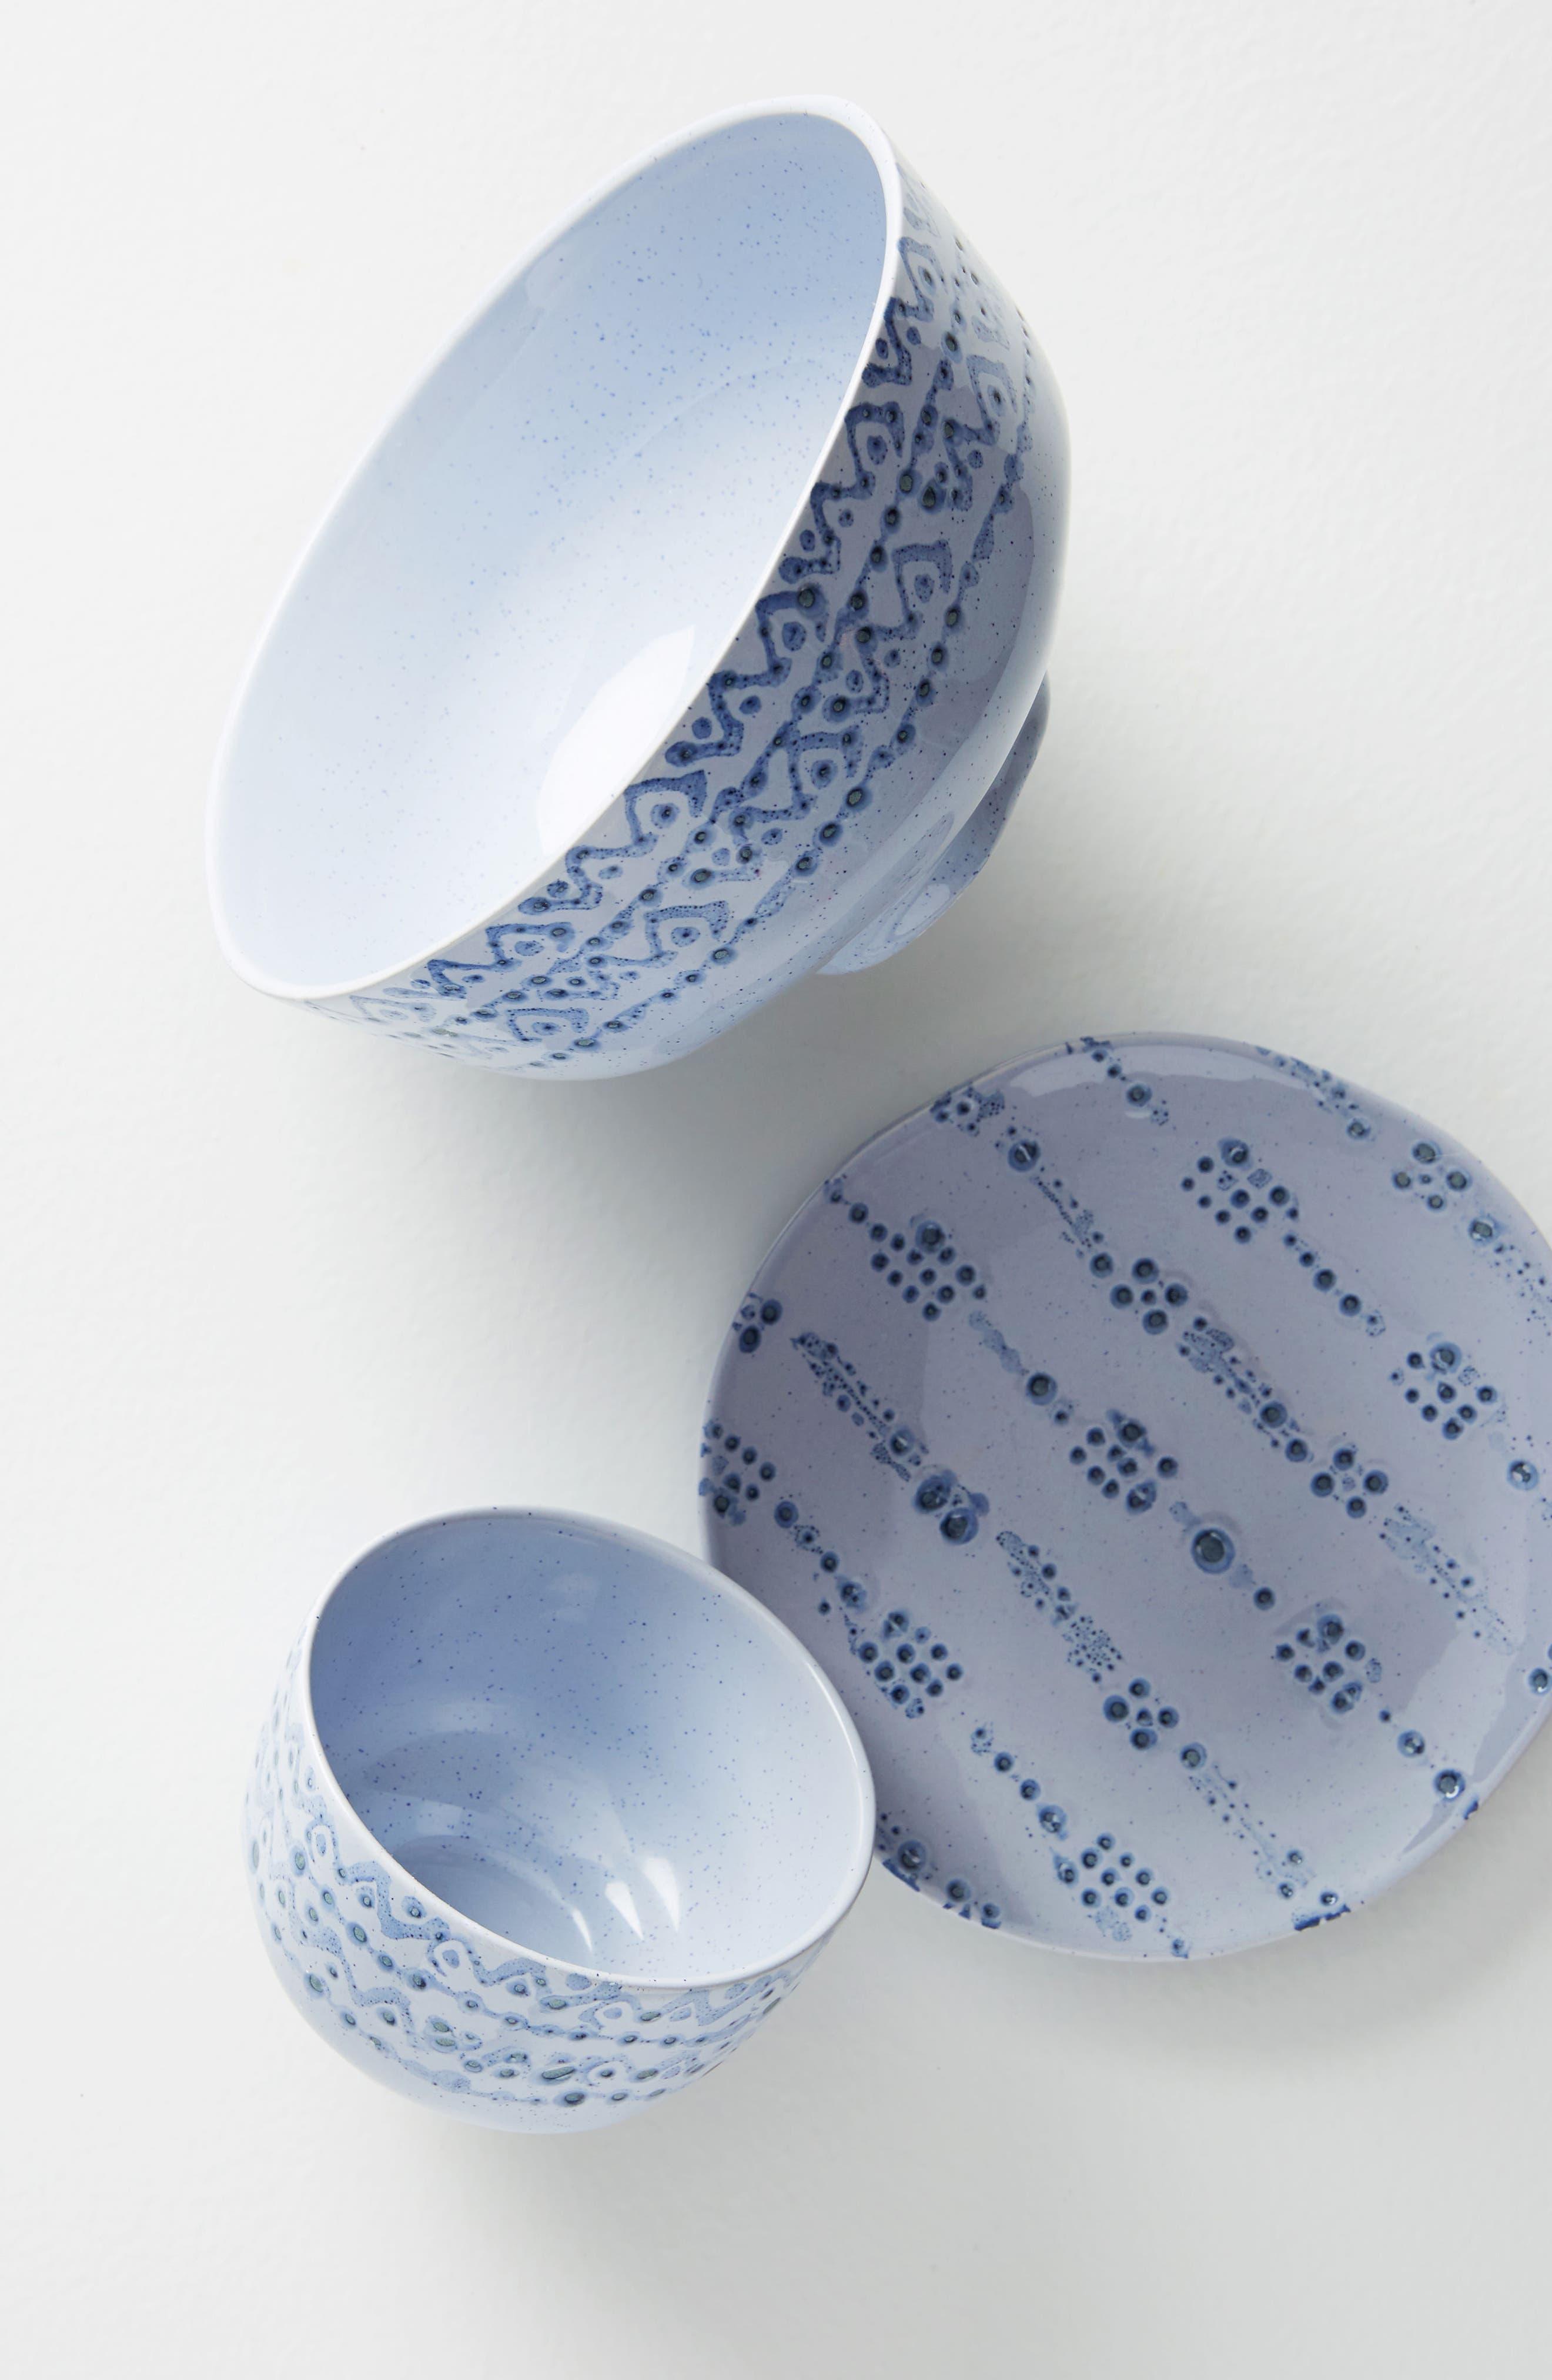 Tacola Canapé Plate,                         Main,                         color, 400